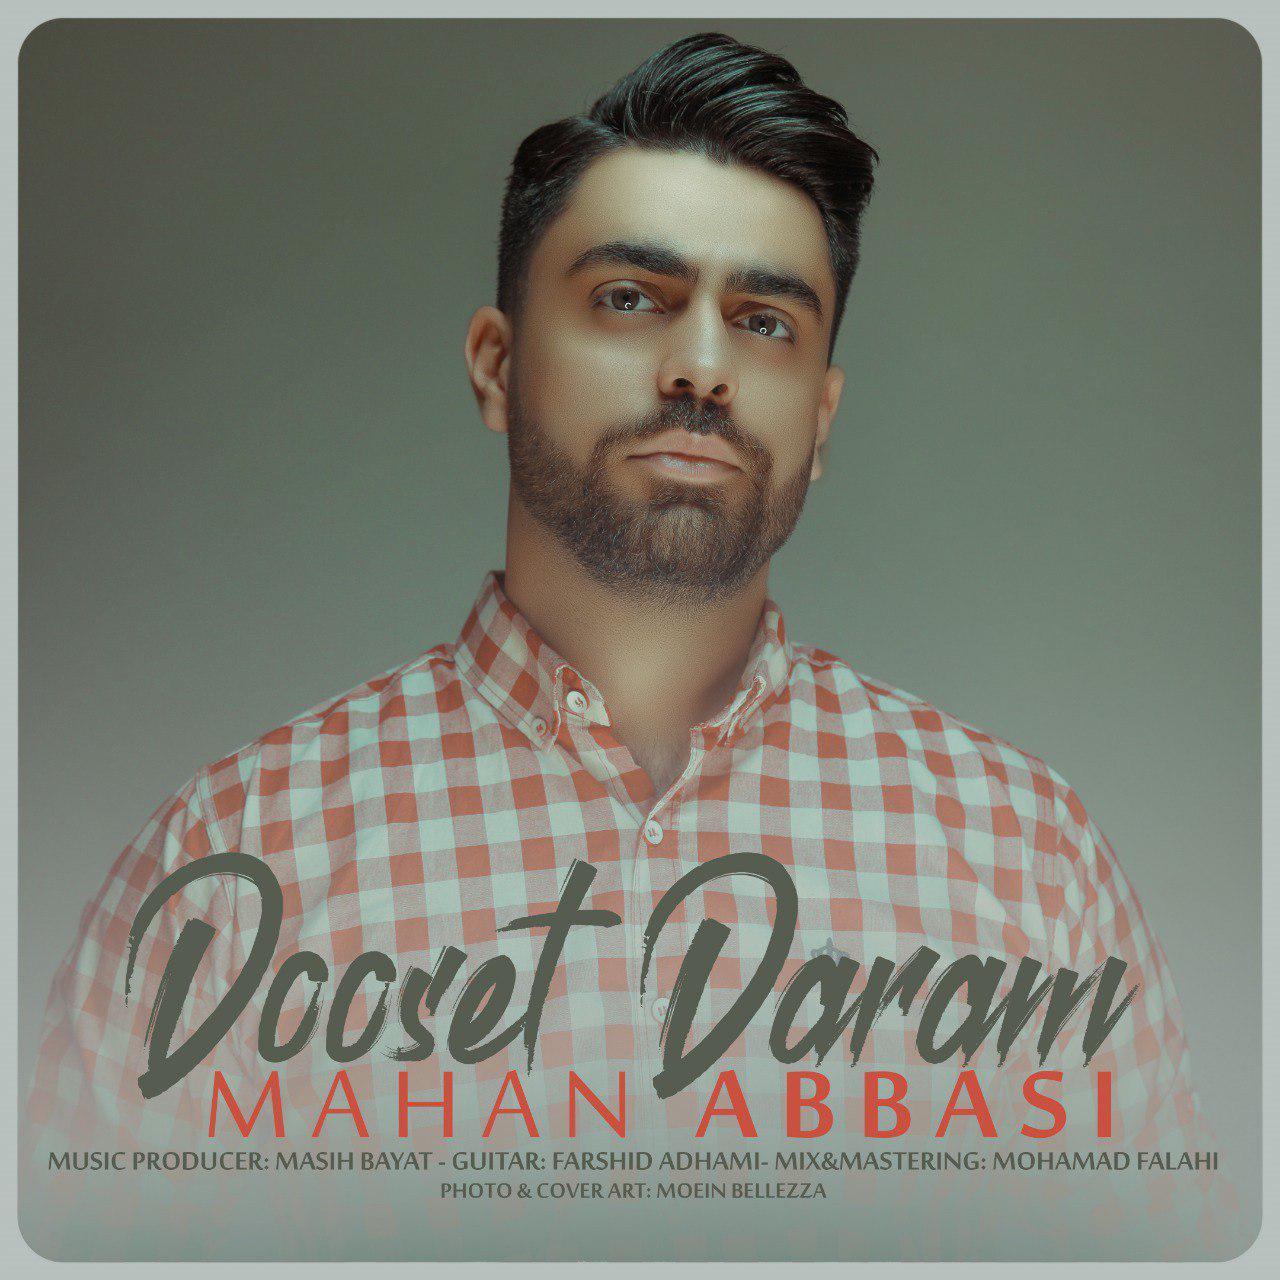 Mahan Abbasi – Dooset Daram